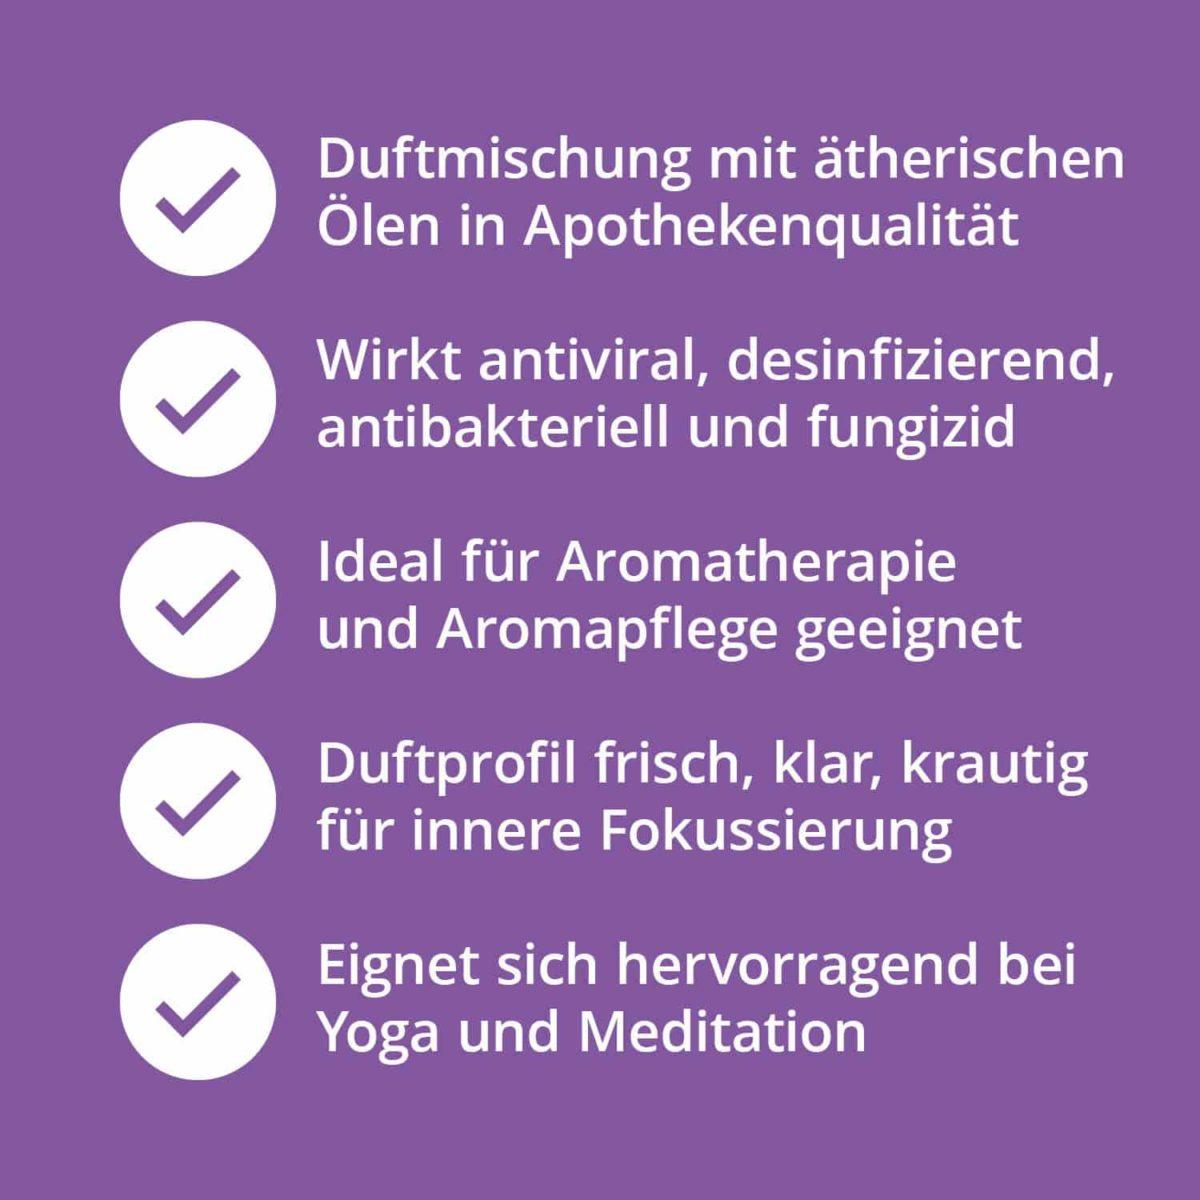 Casida Duftmischung Klare Gedanken - 5 ml 17394500 PZN Apotheke Fokussierung Aromatherapie Aromapflege Aromaschmuck Diffuser7